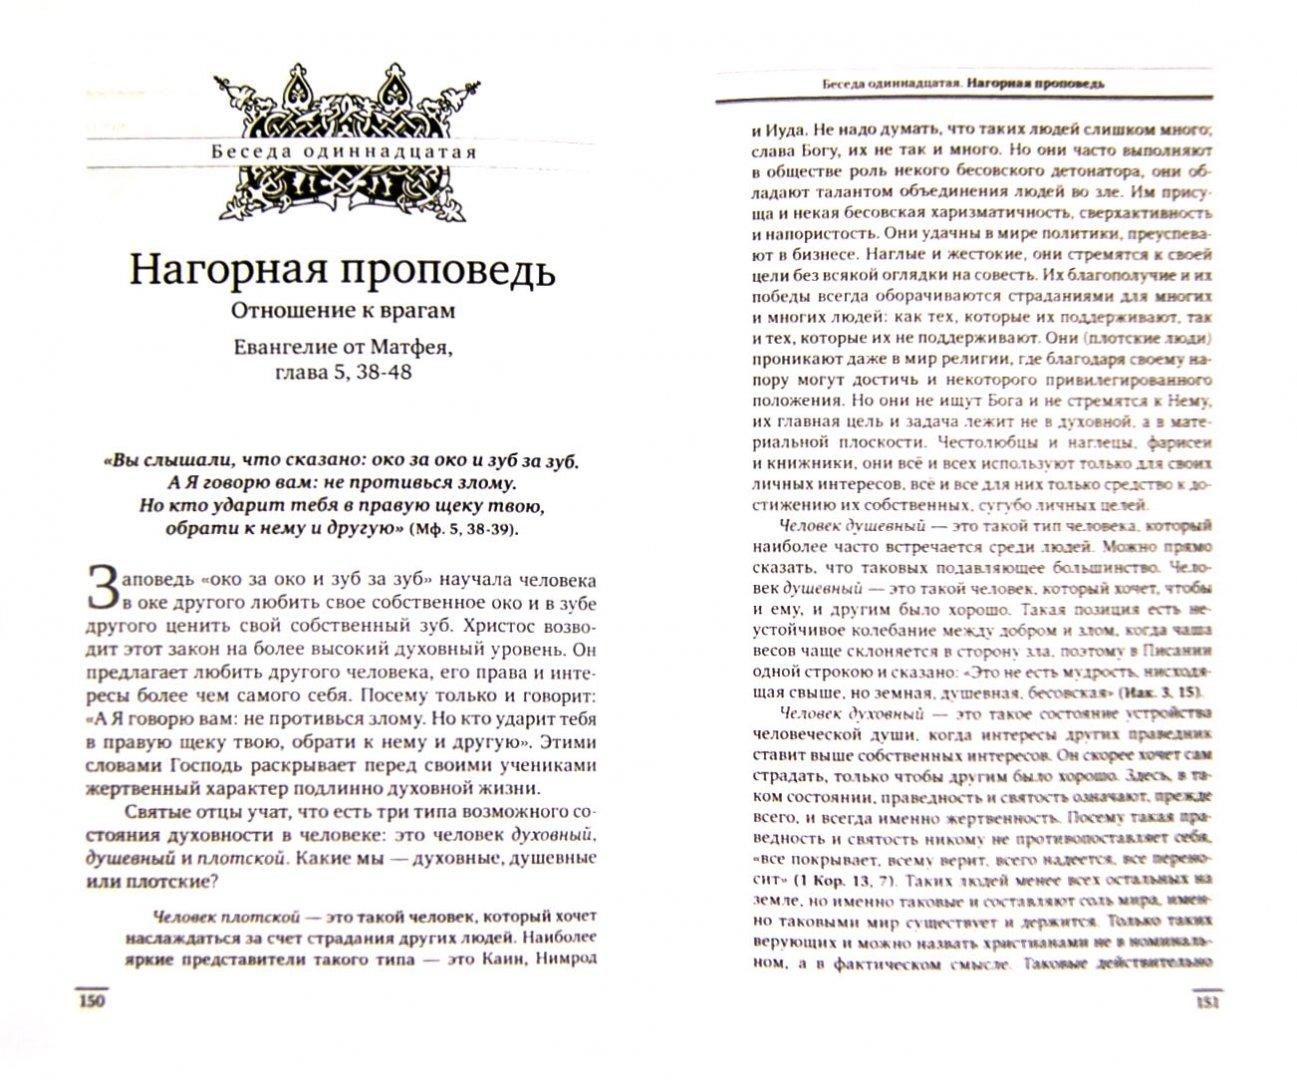 Иллюстрация 1 из 25 для Беседы на Евангелие от Матфея. В 4-х томах - Олег Протоиерей   Лабиринт - книги. Источник: Лабиринт